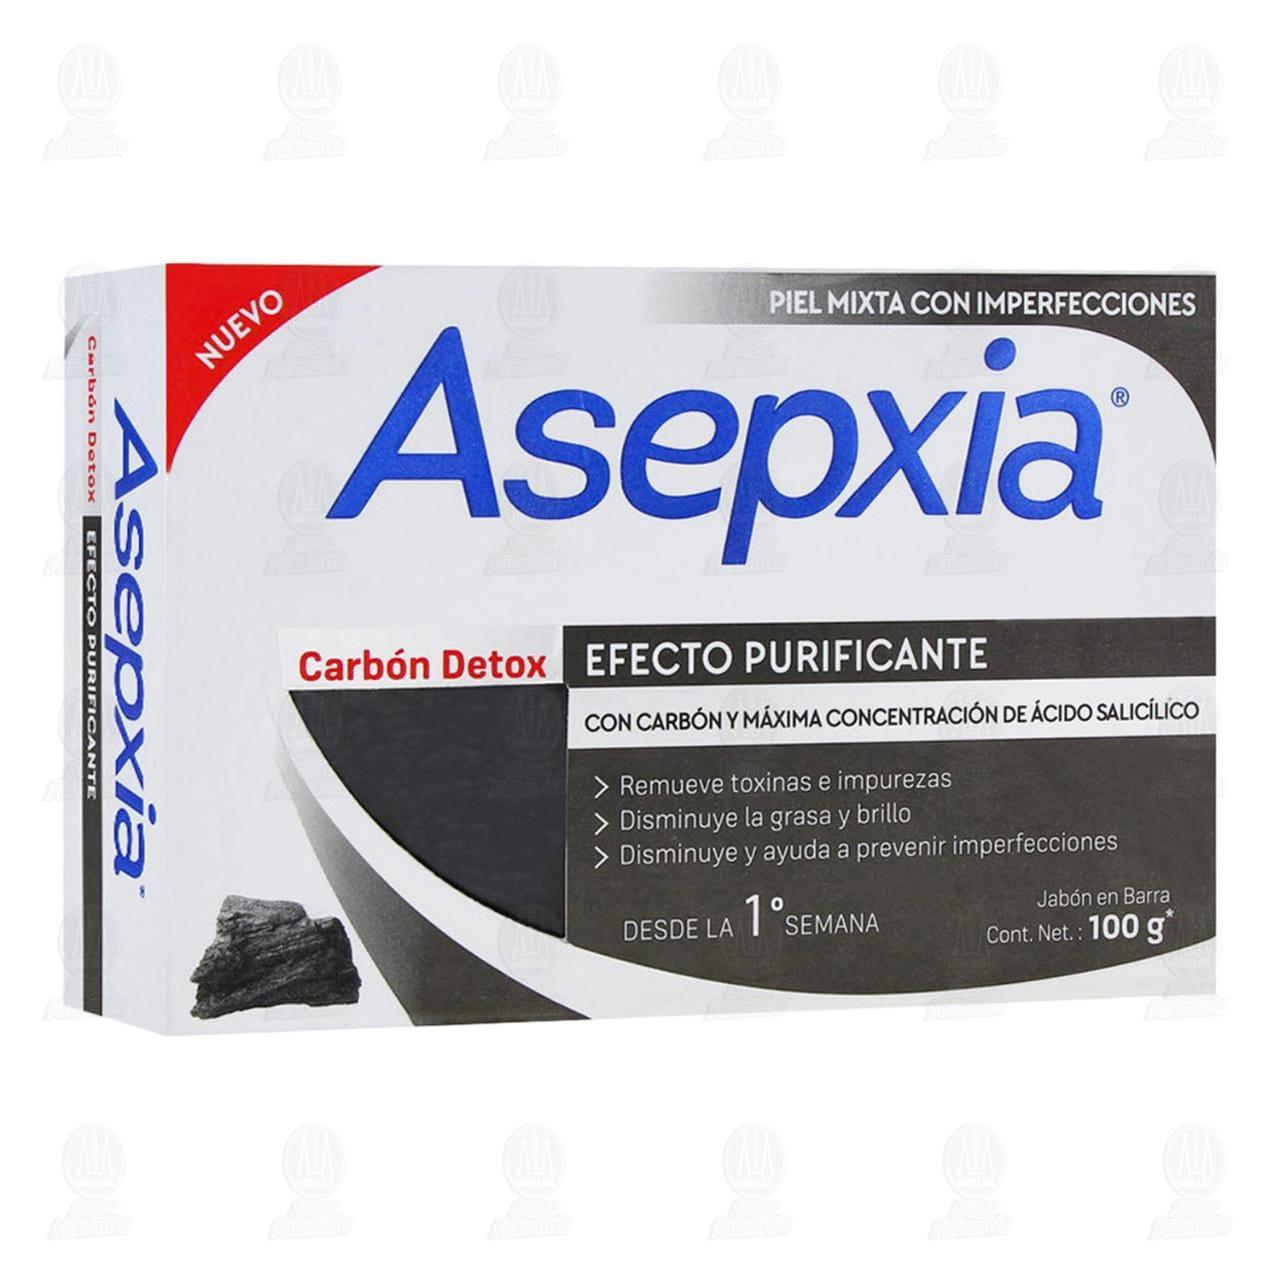 Comprar Jabón Asepxia Carbón Detox en Barra, 100 gr. en Farmacias Guadalajara